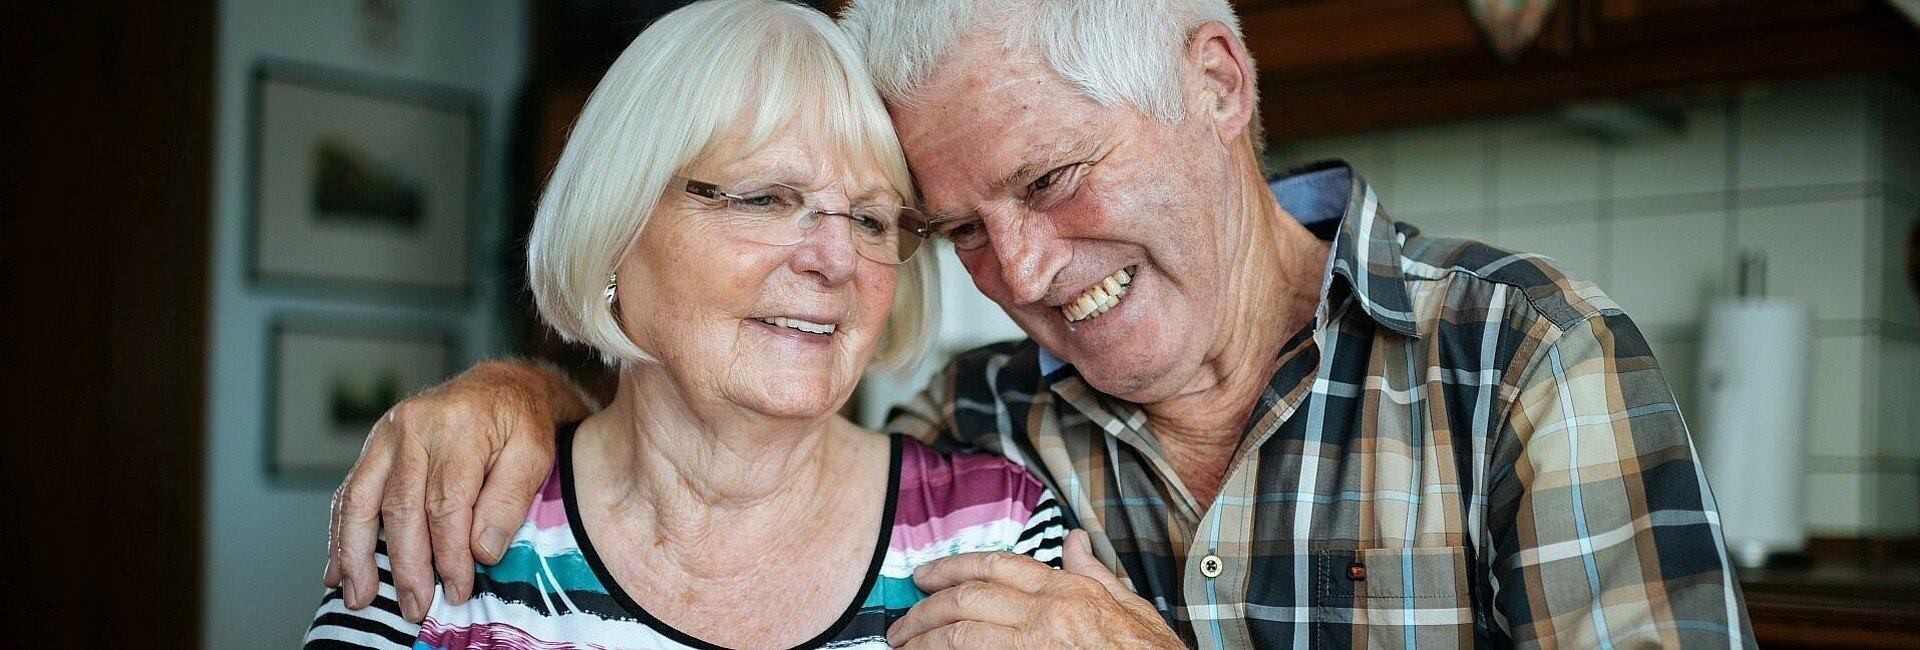 Das Ehepaar Schwingeler in ihrer Wohnung in der Rosenhofsiedlung in Bickendorf